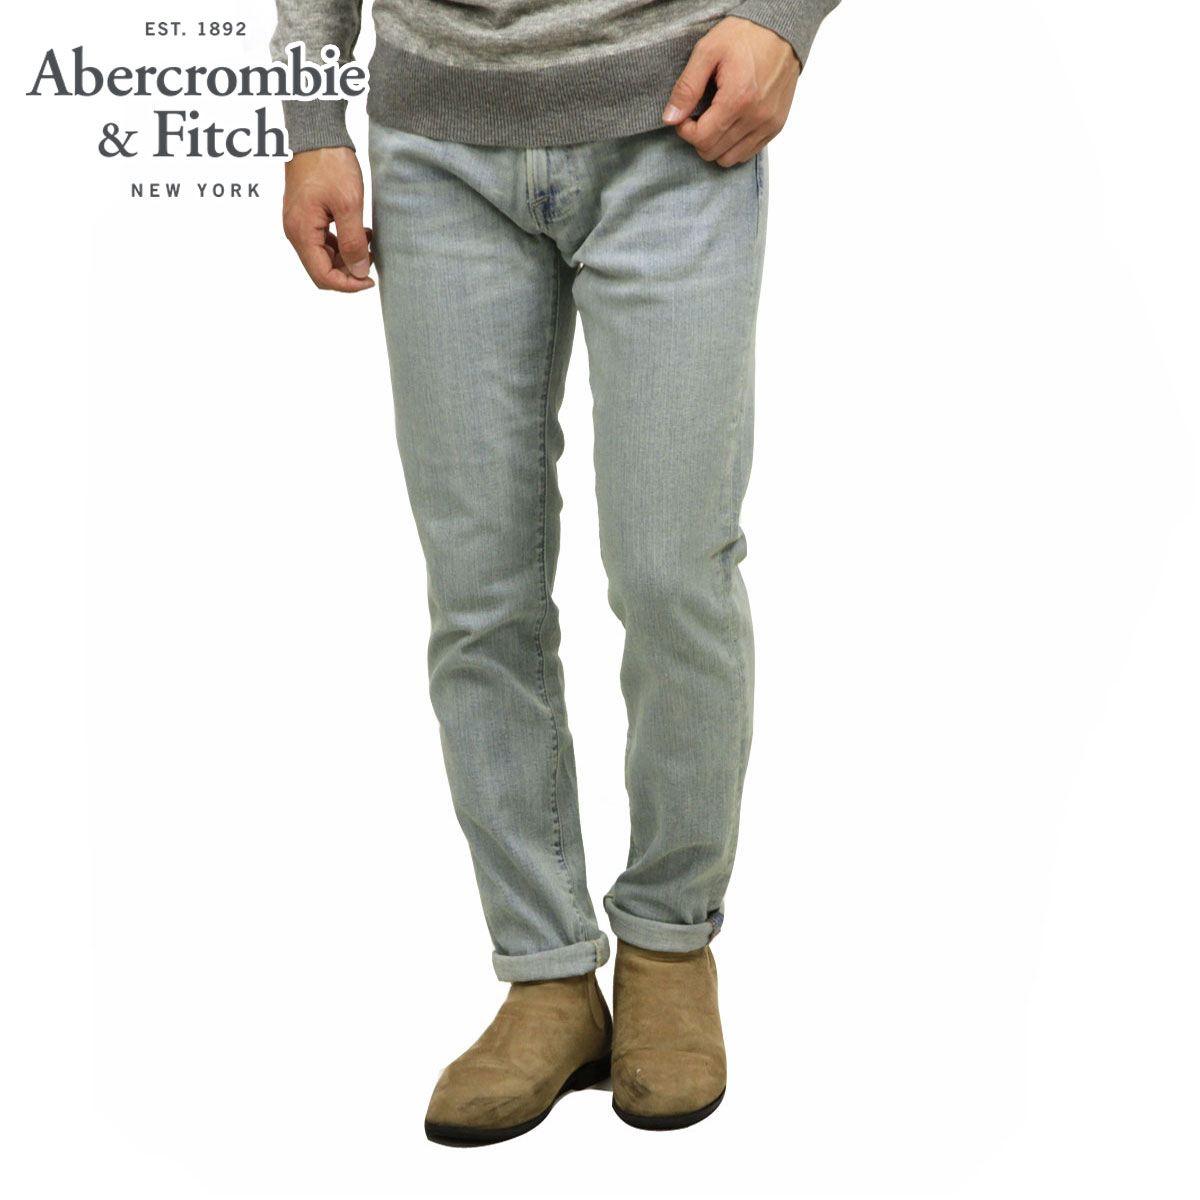 アバクロ Abercrombie&Fitch 正規品 メンズ スキニージーンズ SKINNY JEANS 131-318-1276-280